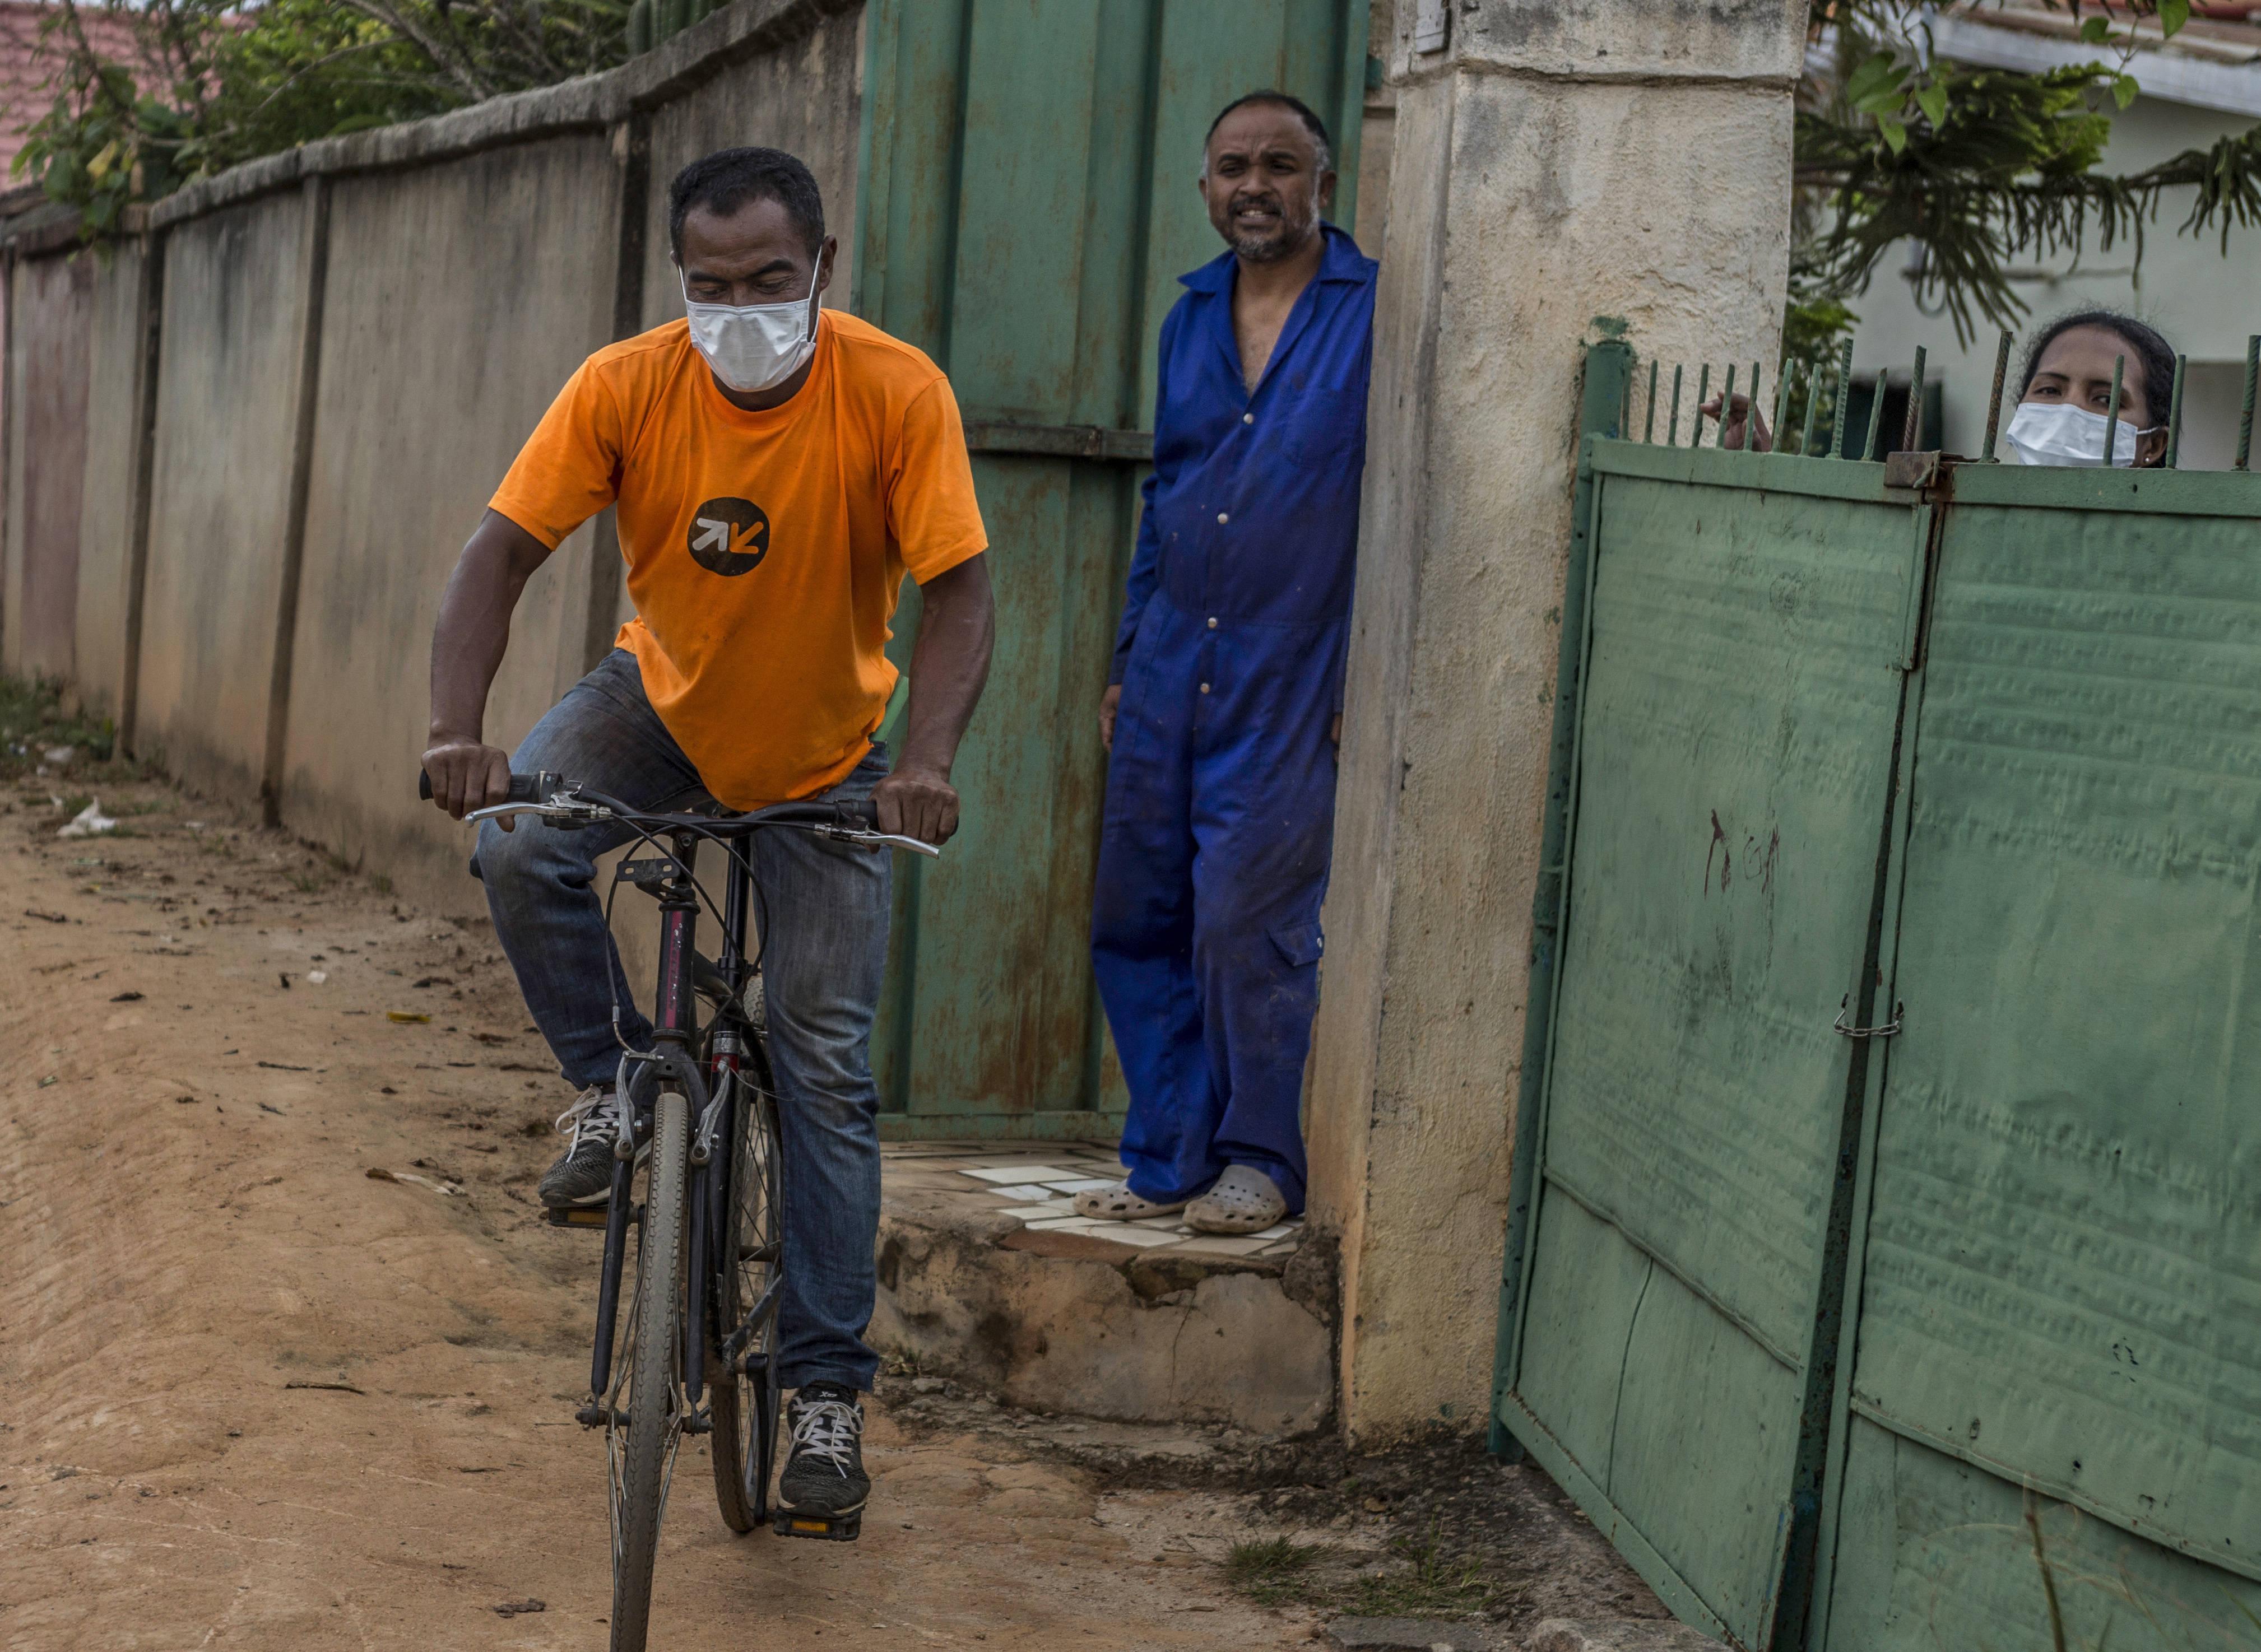 Un cycliste porte un masque pour se protéger du coronavirus, dans une rue d'Antananarivo, le 22 mars.